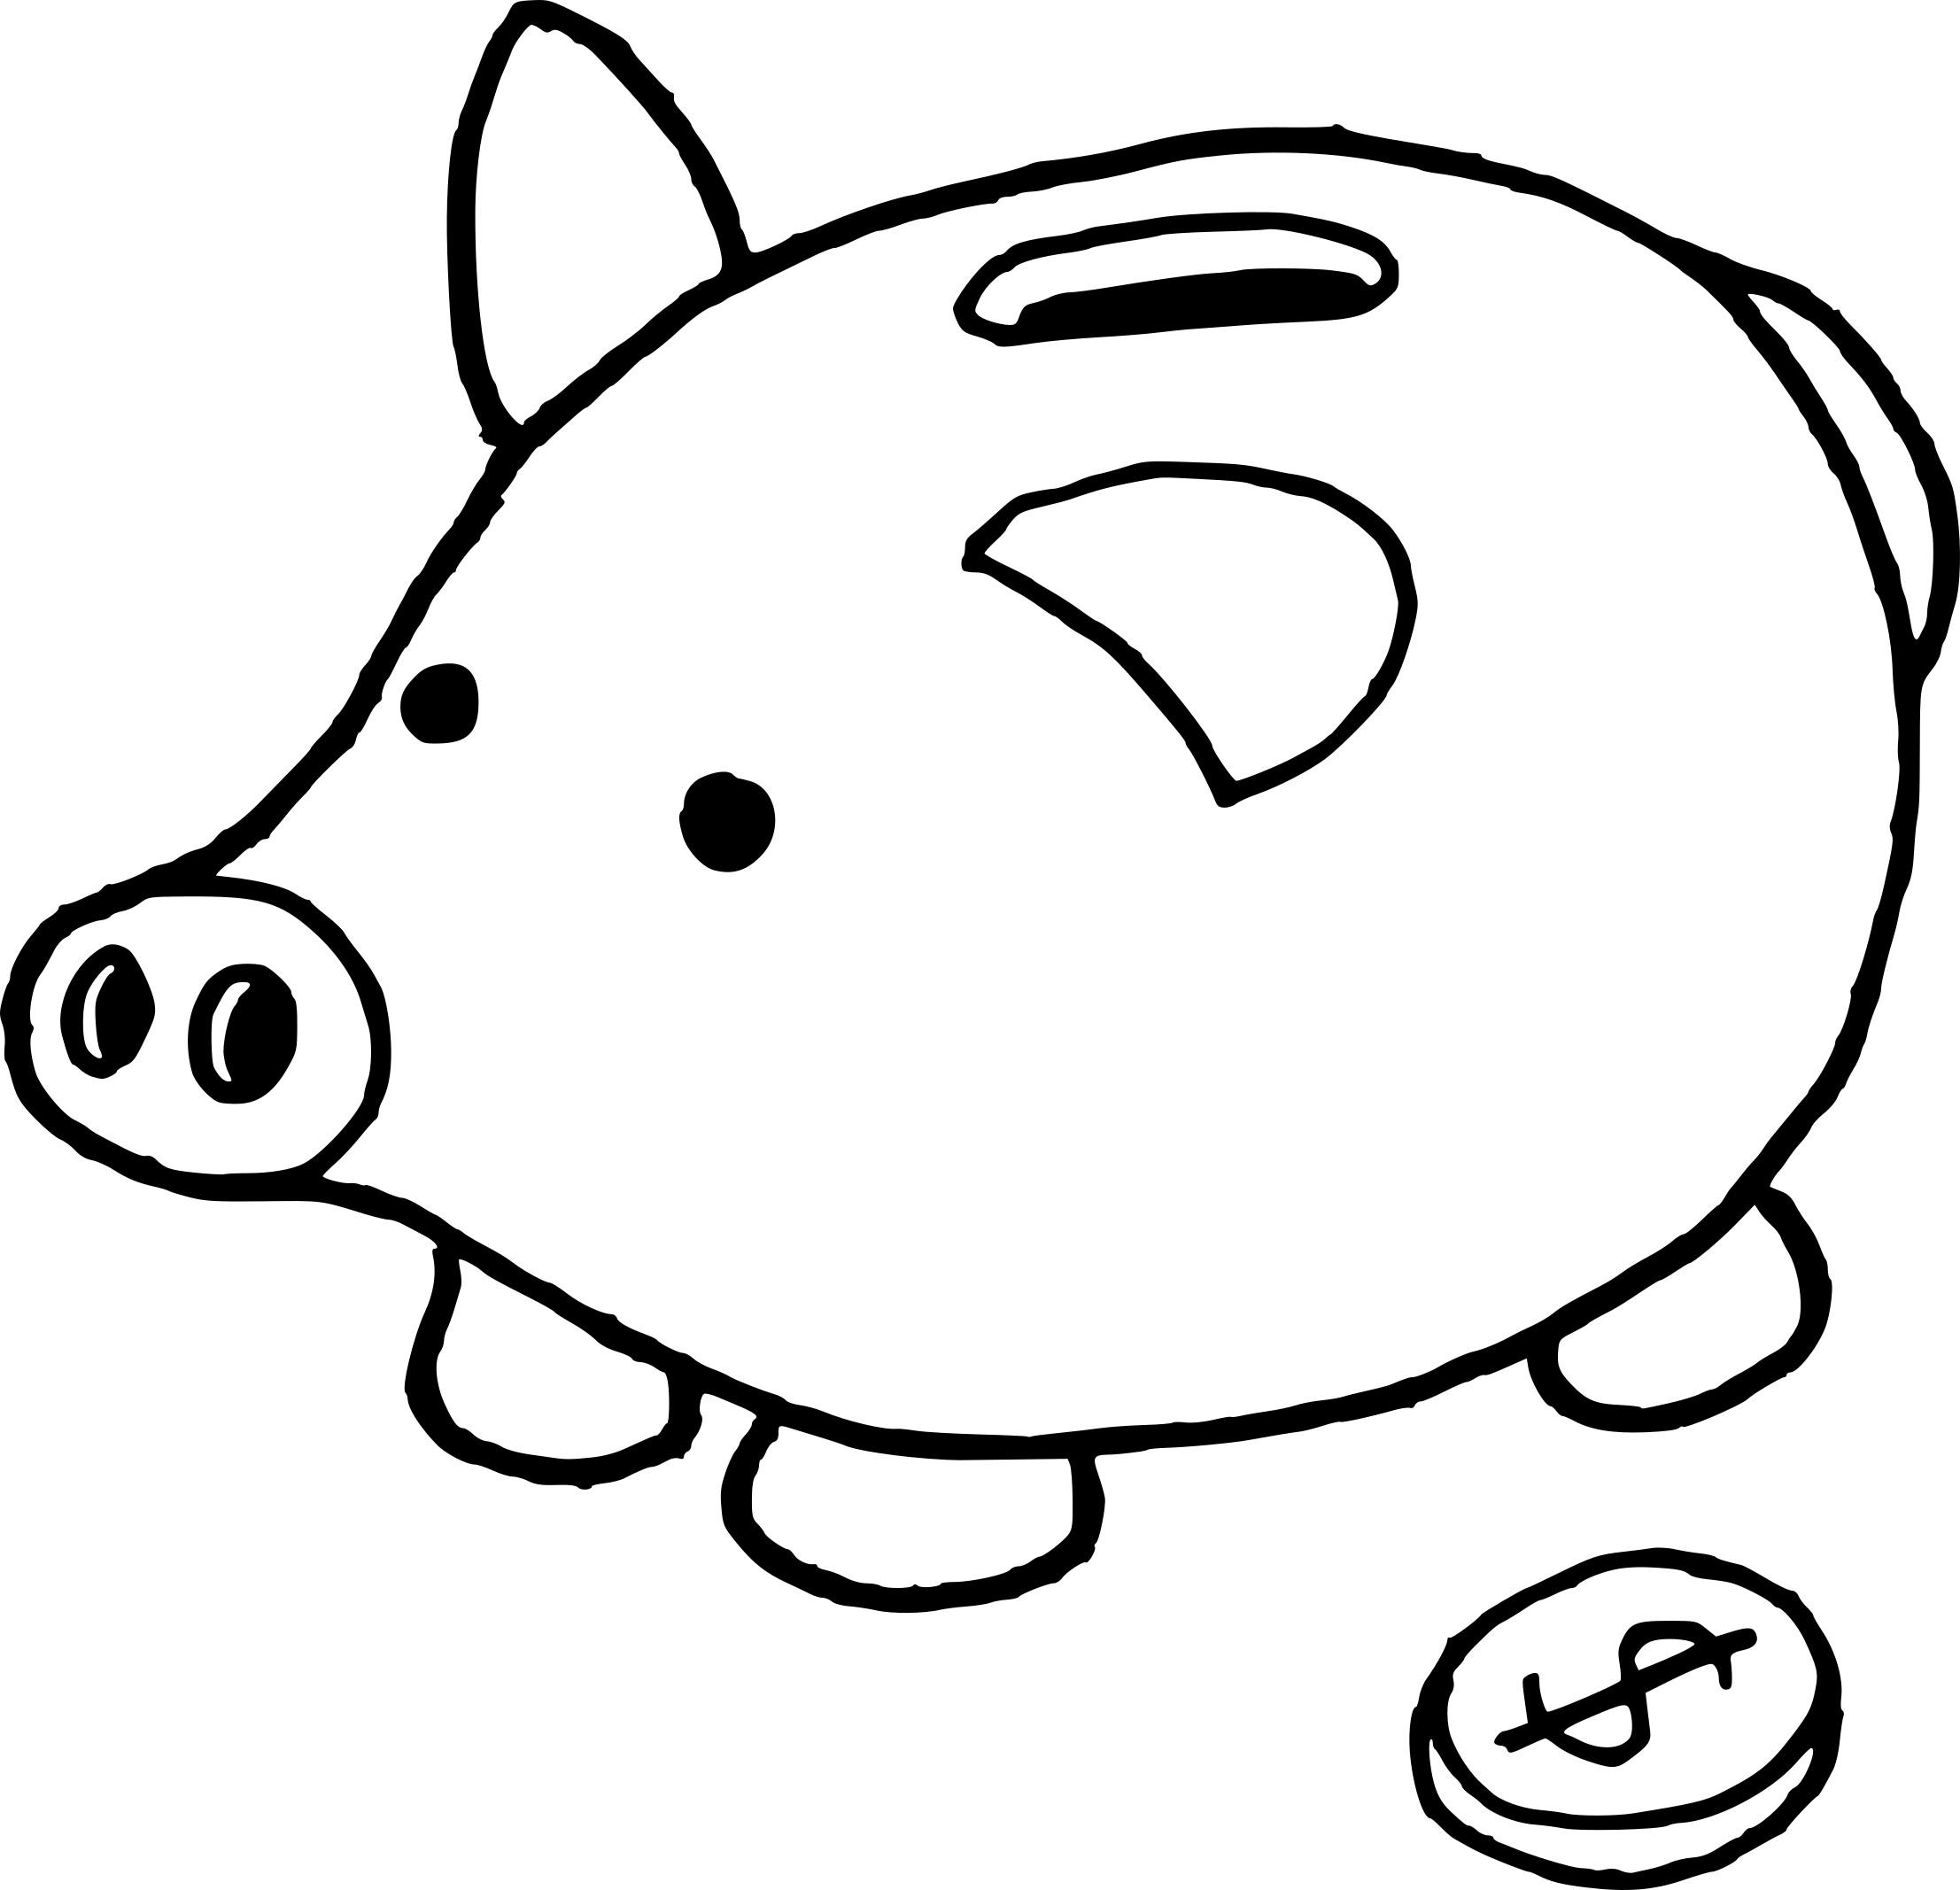 Coloriage Tirelire Dessin À Imprimer Sur Coloriages intérieur Dessin À Colorier Cochon